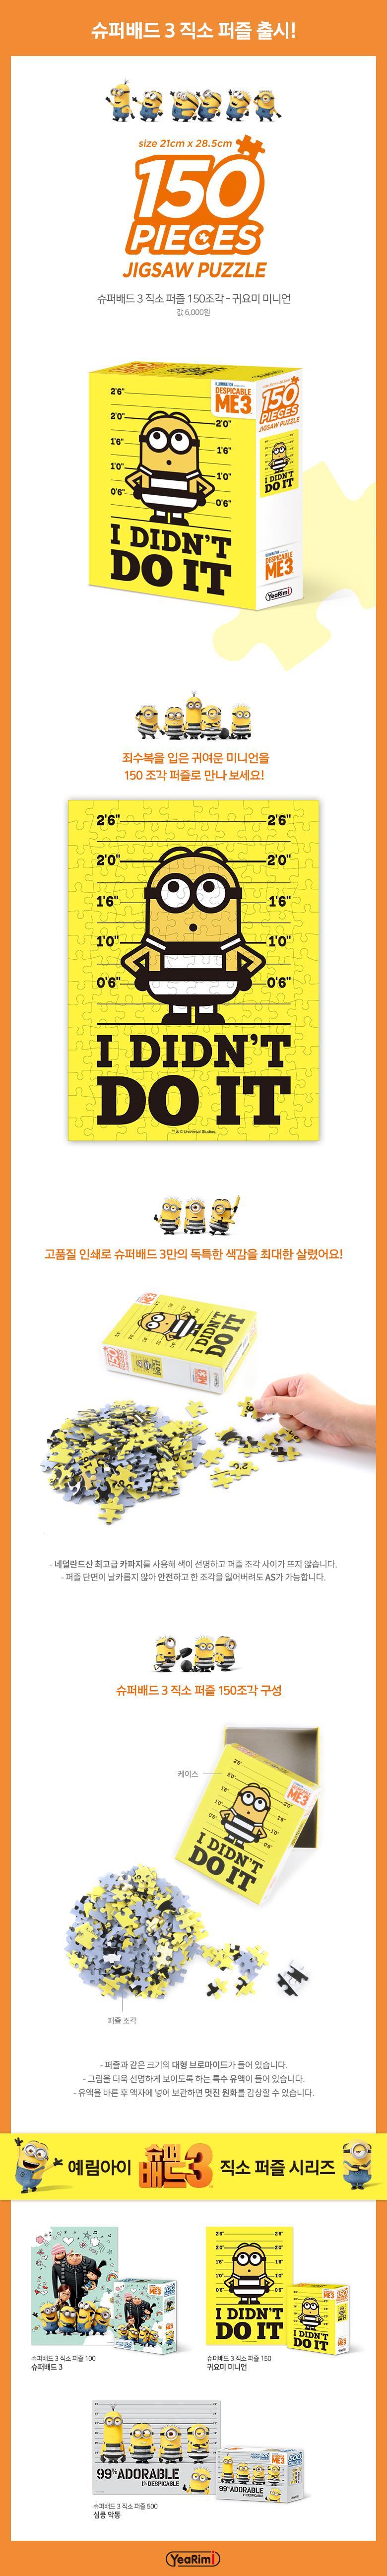 슈퍼배드 3 직소퍼즐 150조각 귀요미 미니언 - 예림아이, 6,000원, 조각/퍼즐, 만화/애니 직소퍼즐